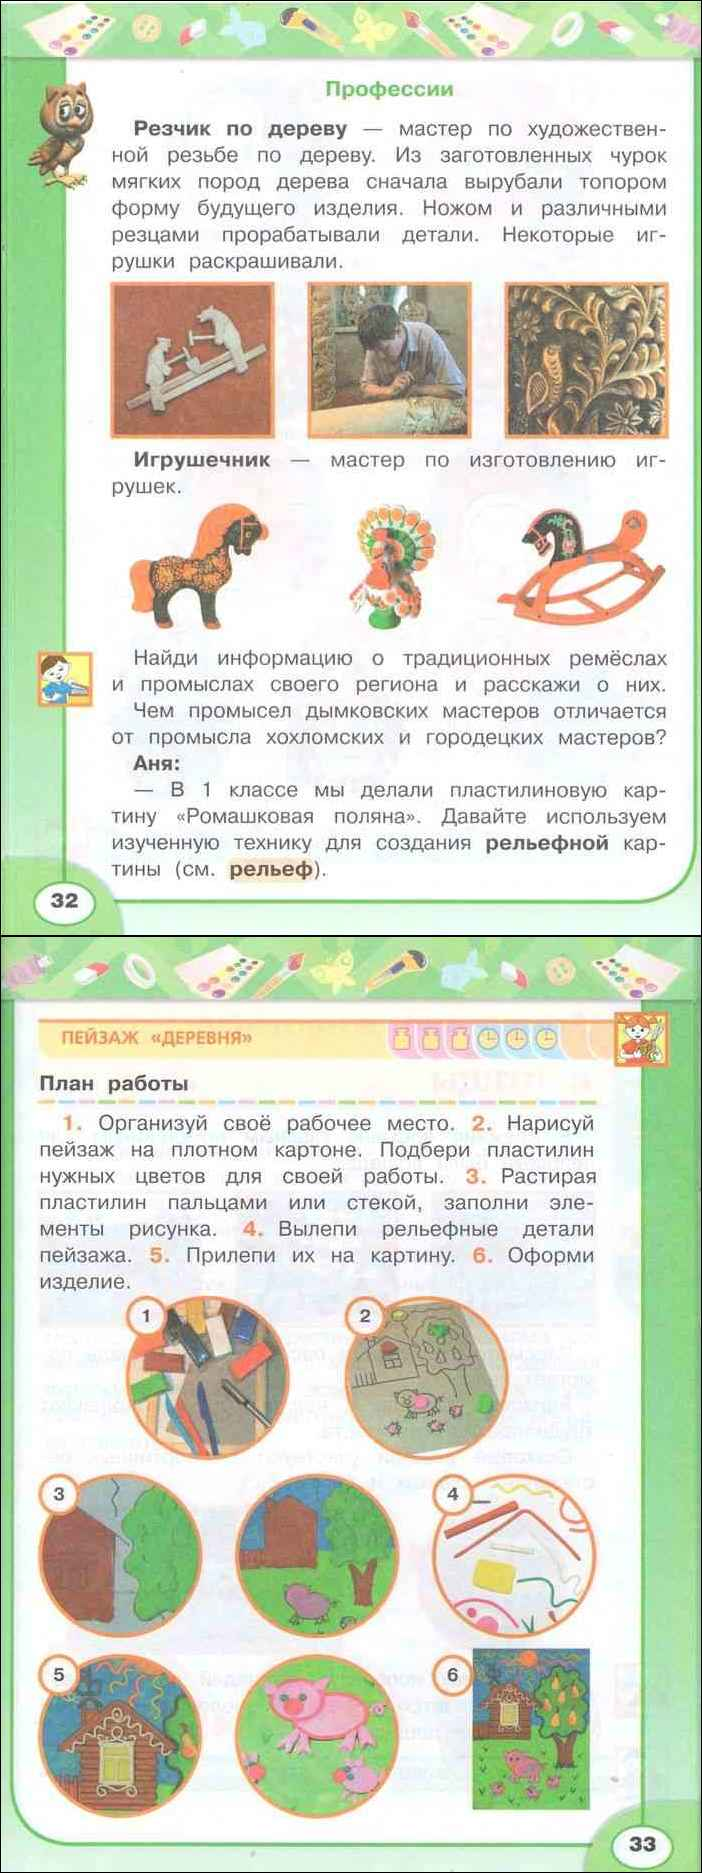 учебник по технология 4 класс роговцева смотреть онлайн